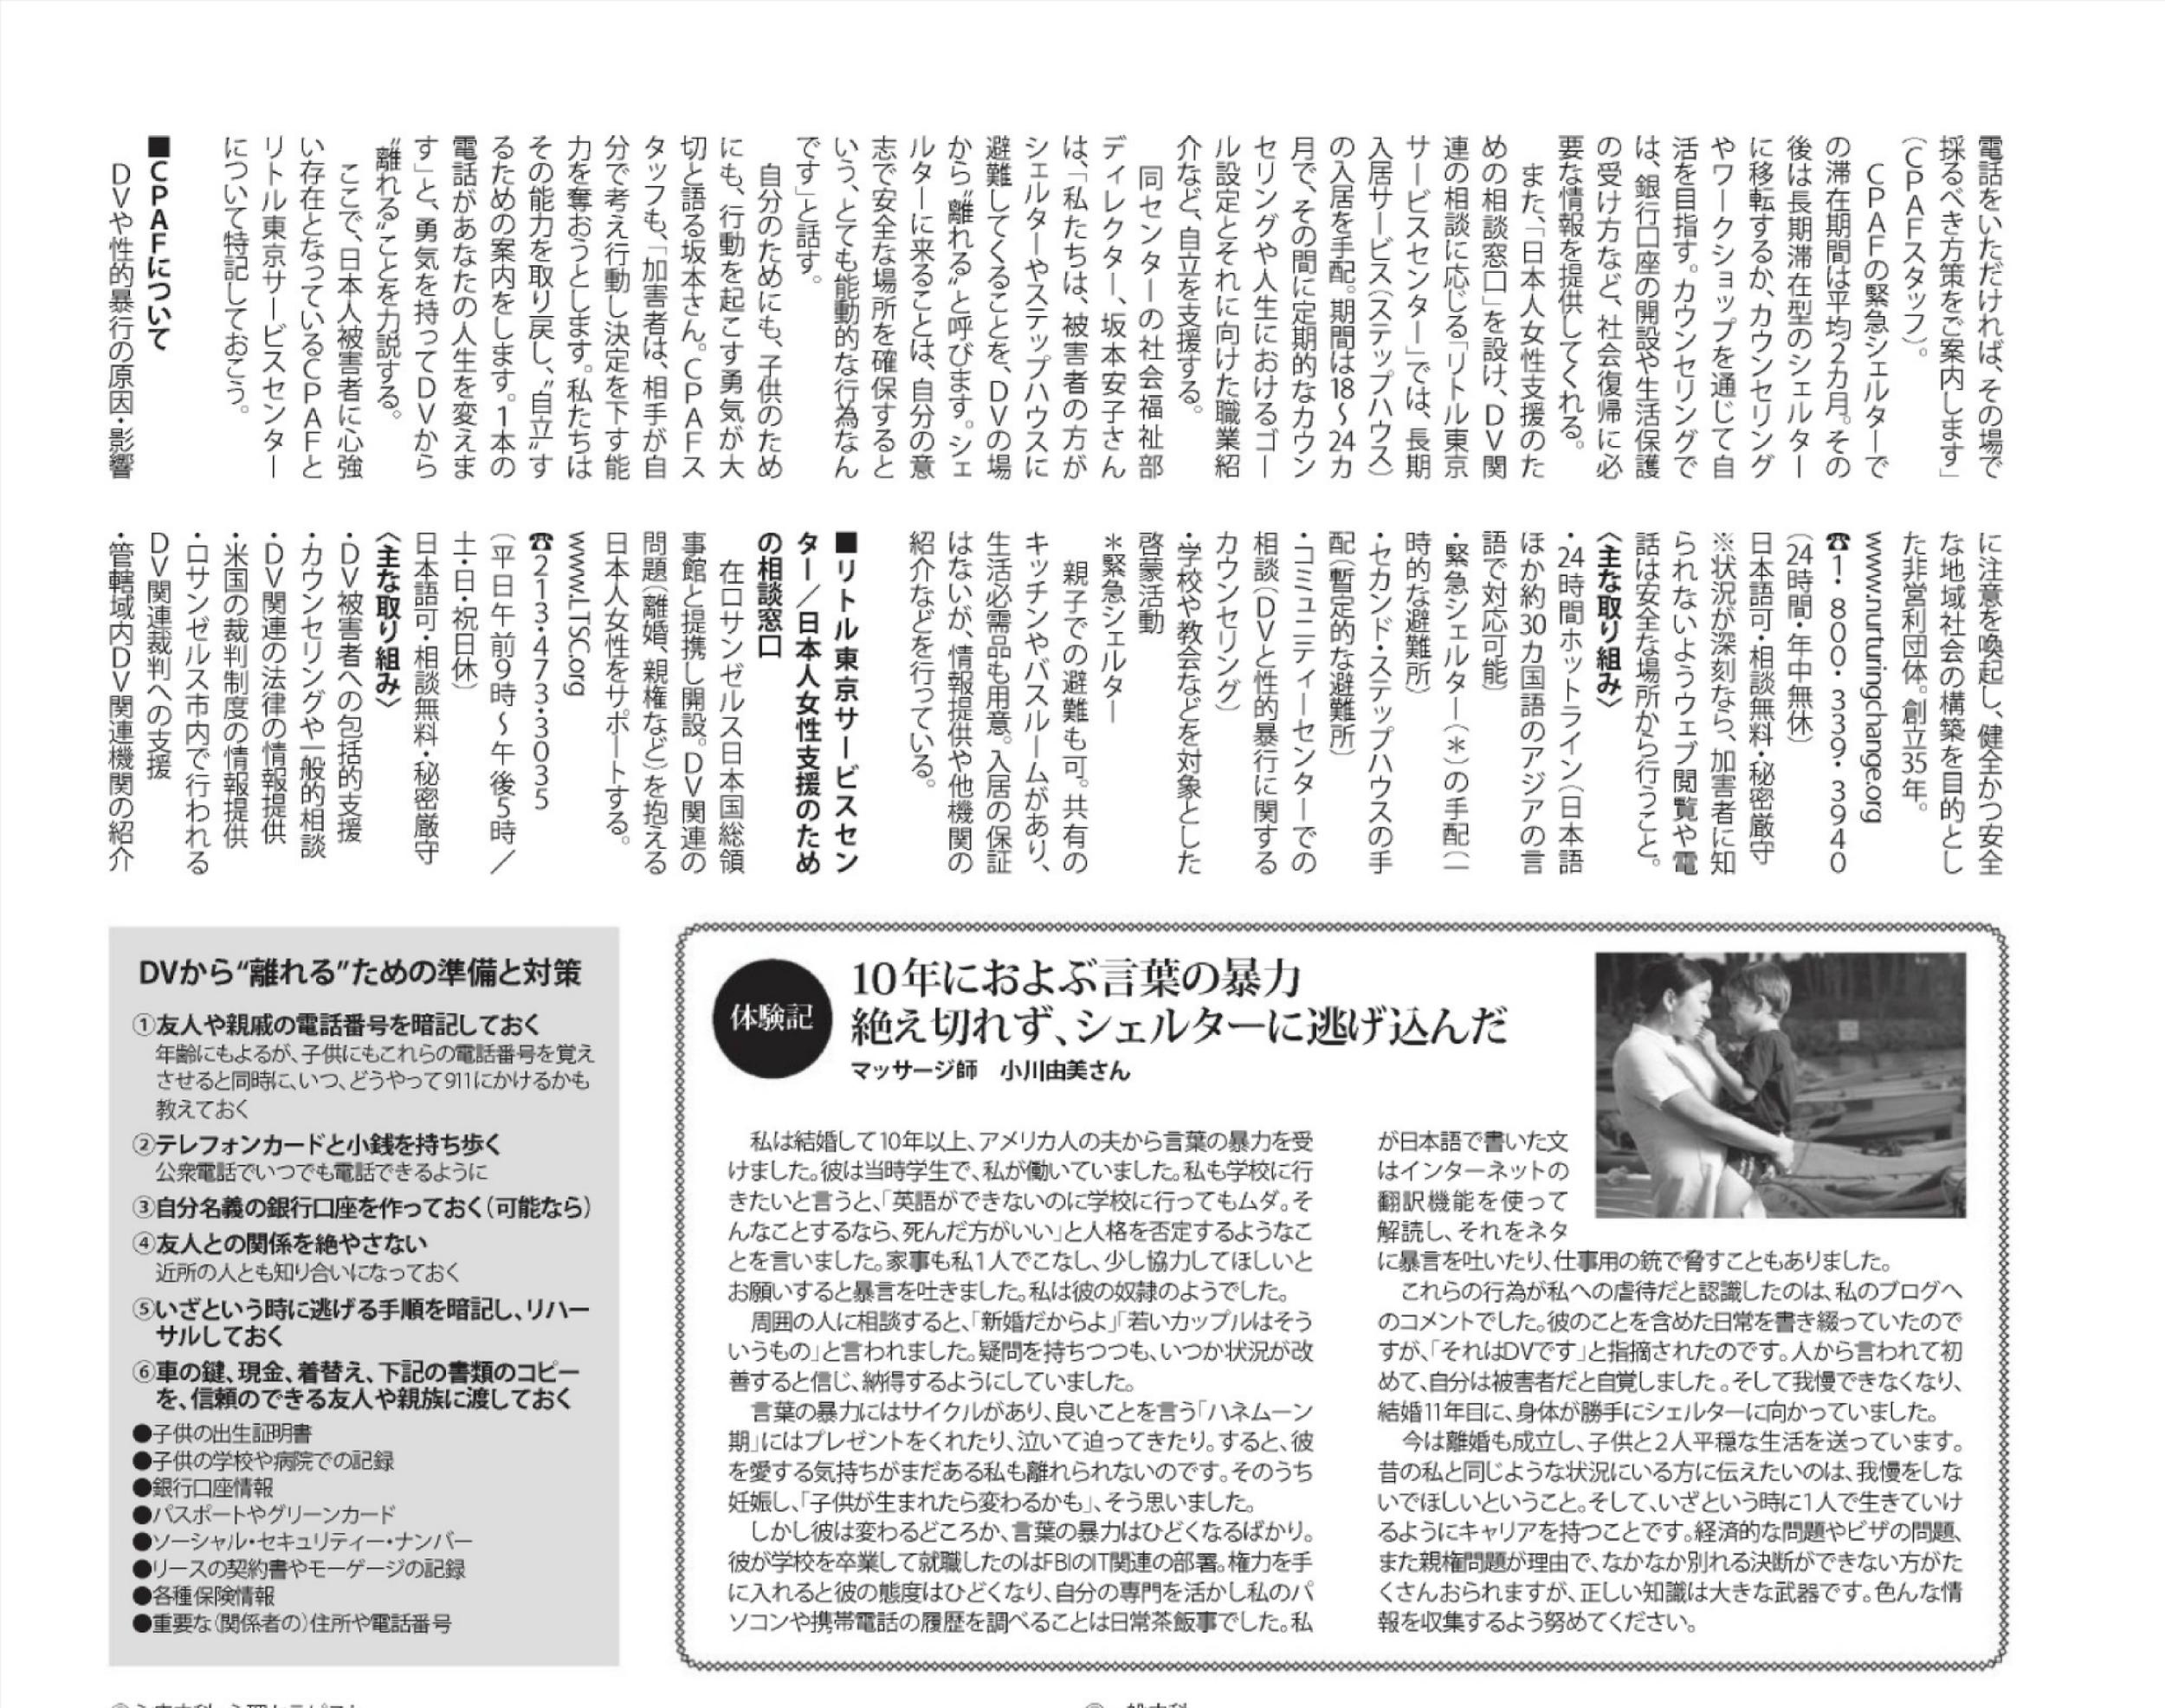 Lighthouse LA 10-01-2013 Page-1-4.jpg